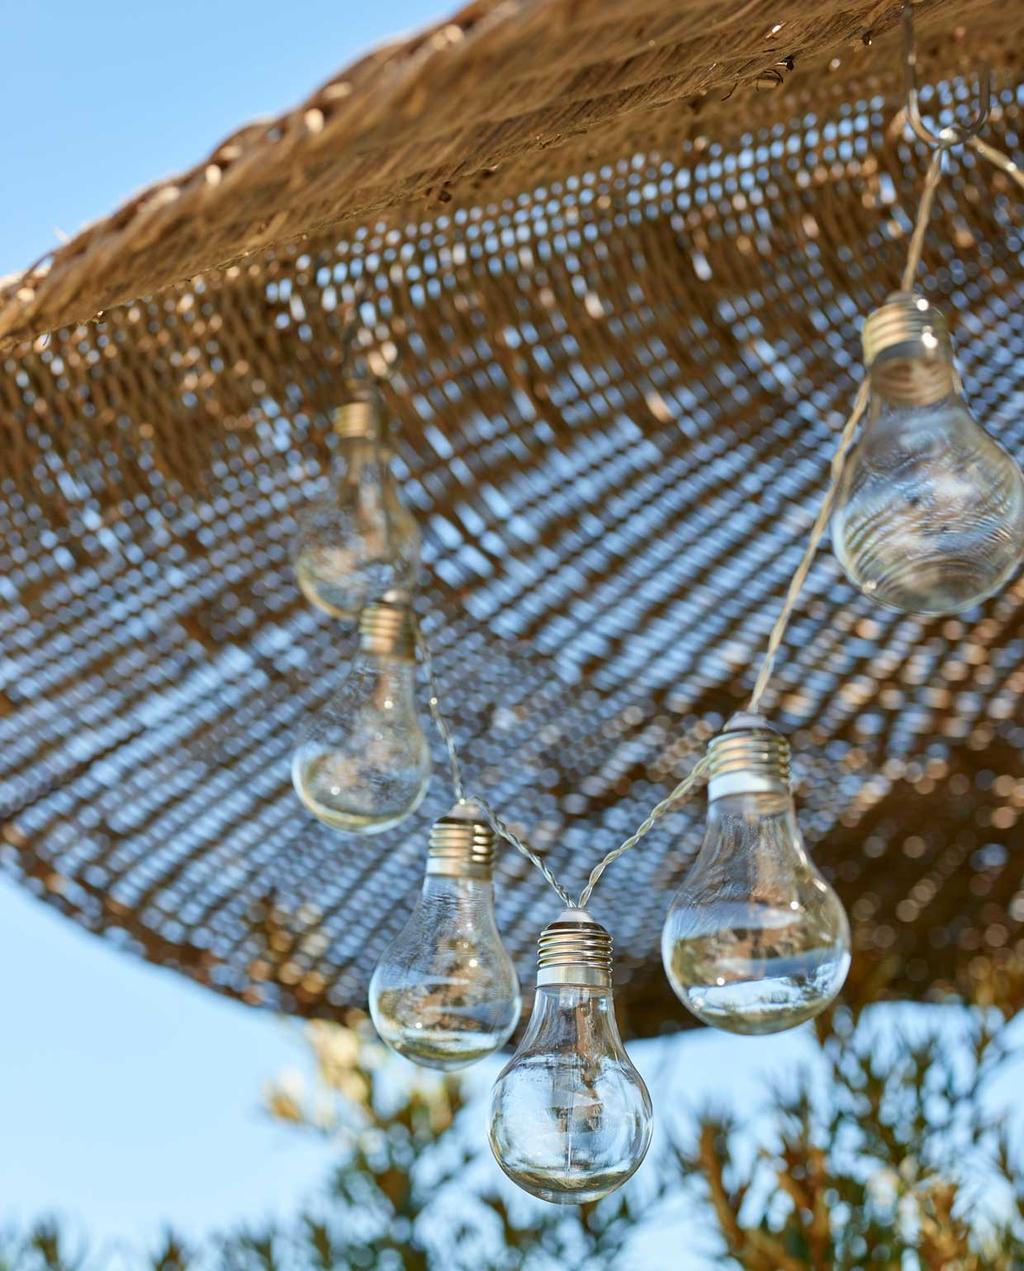 vtwonen 08-2020 | bk strandhuis in Egmond rieten parasol met lichtsnoer